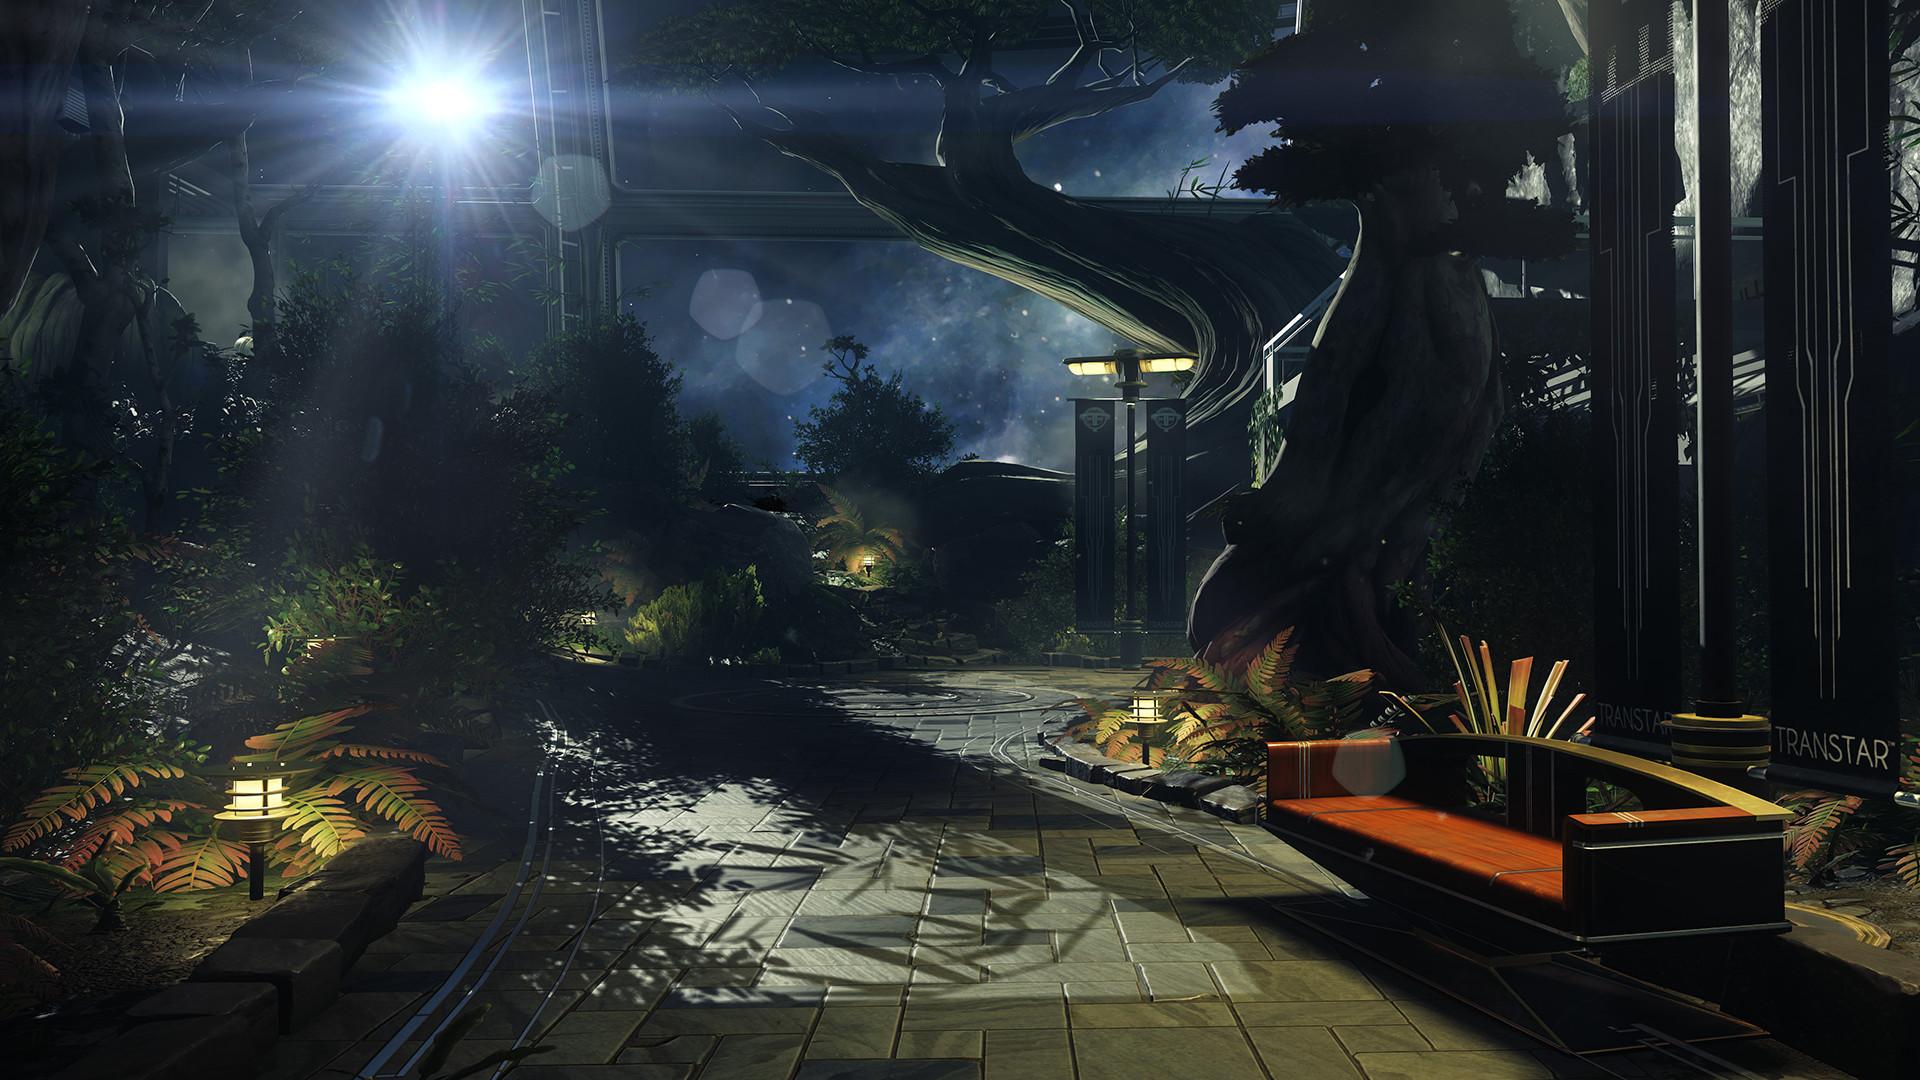 《掠食》Steam版D加密现已被B社移除